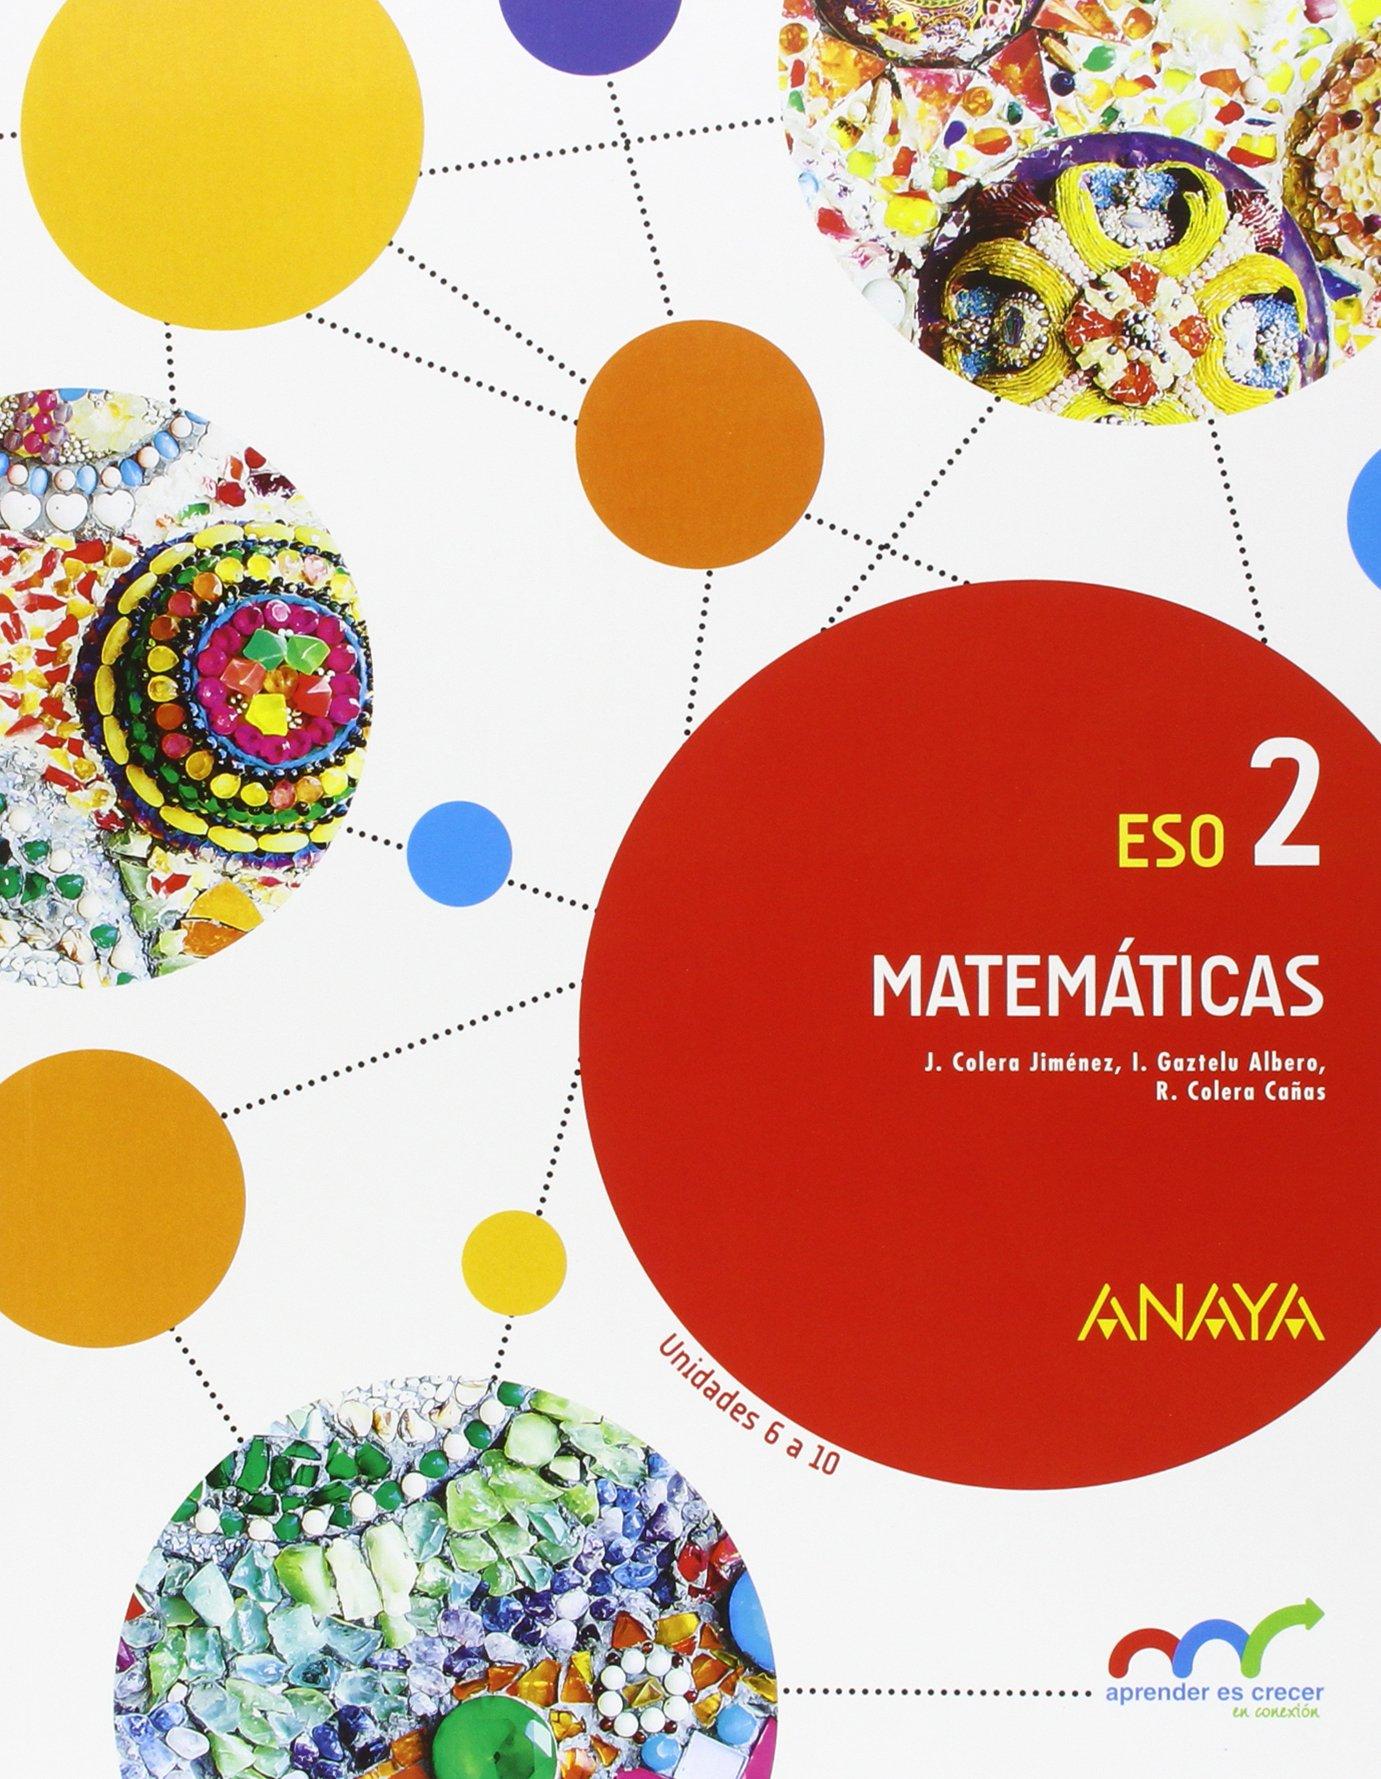 Matemáticas 2 (Aprender es crecer en conexión): Amazon.es: Colera Jiménez, José, Gaztelu Albero, Ignacio, Colera Cañas, Ramón: Libros